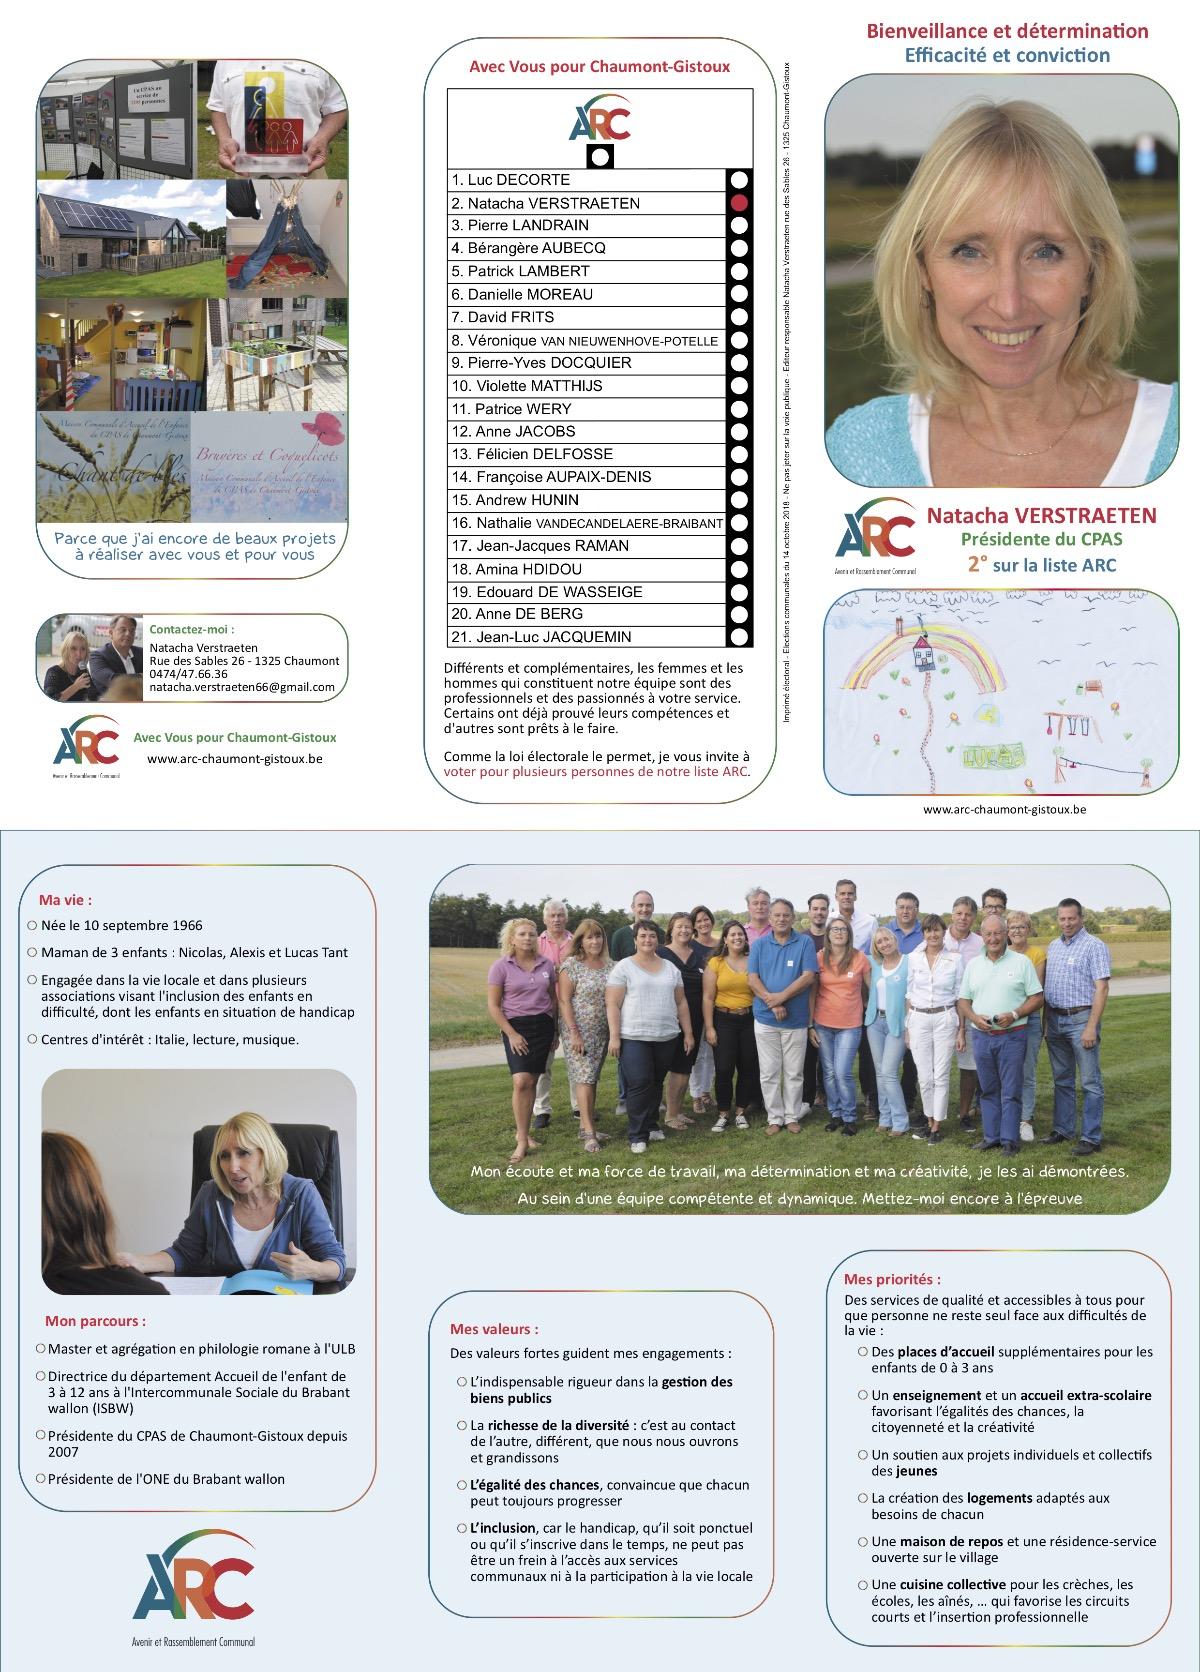 Téléchargez le tract personnel de Natacha VERSTRAETEN en .pdf (2 MB)